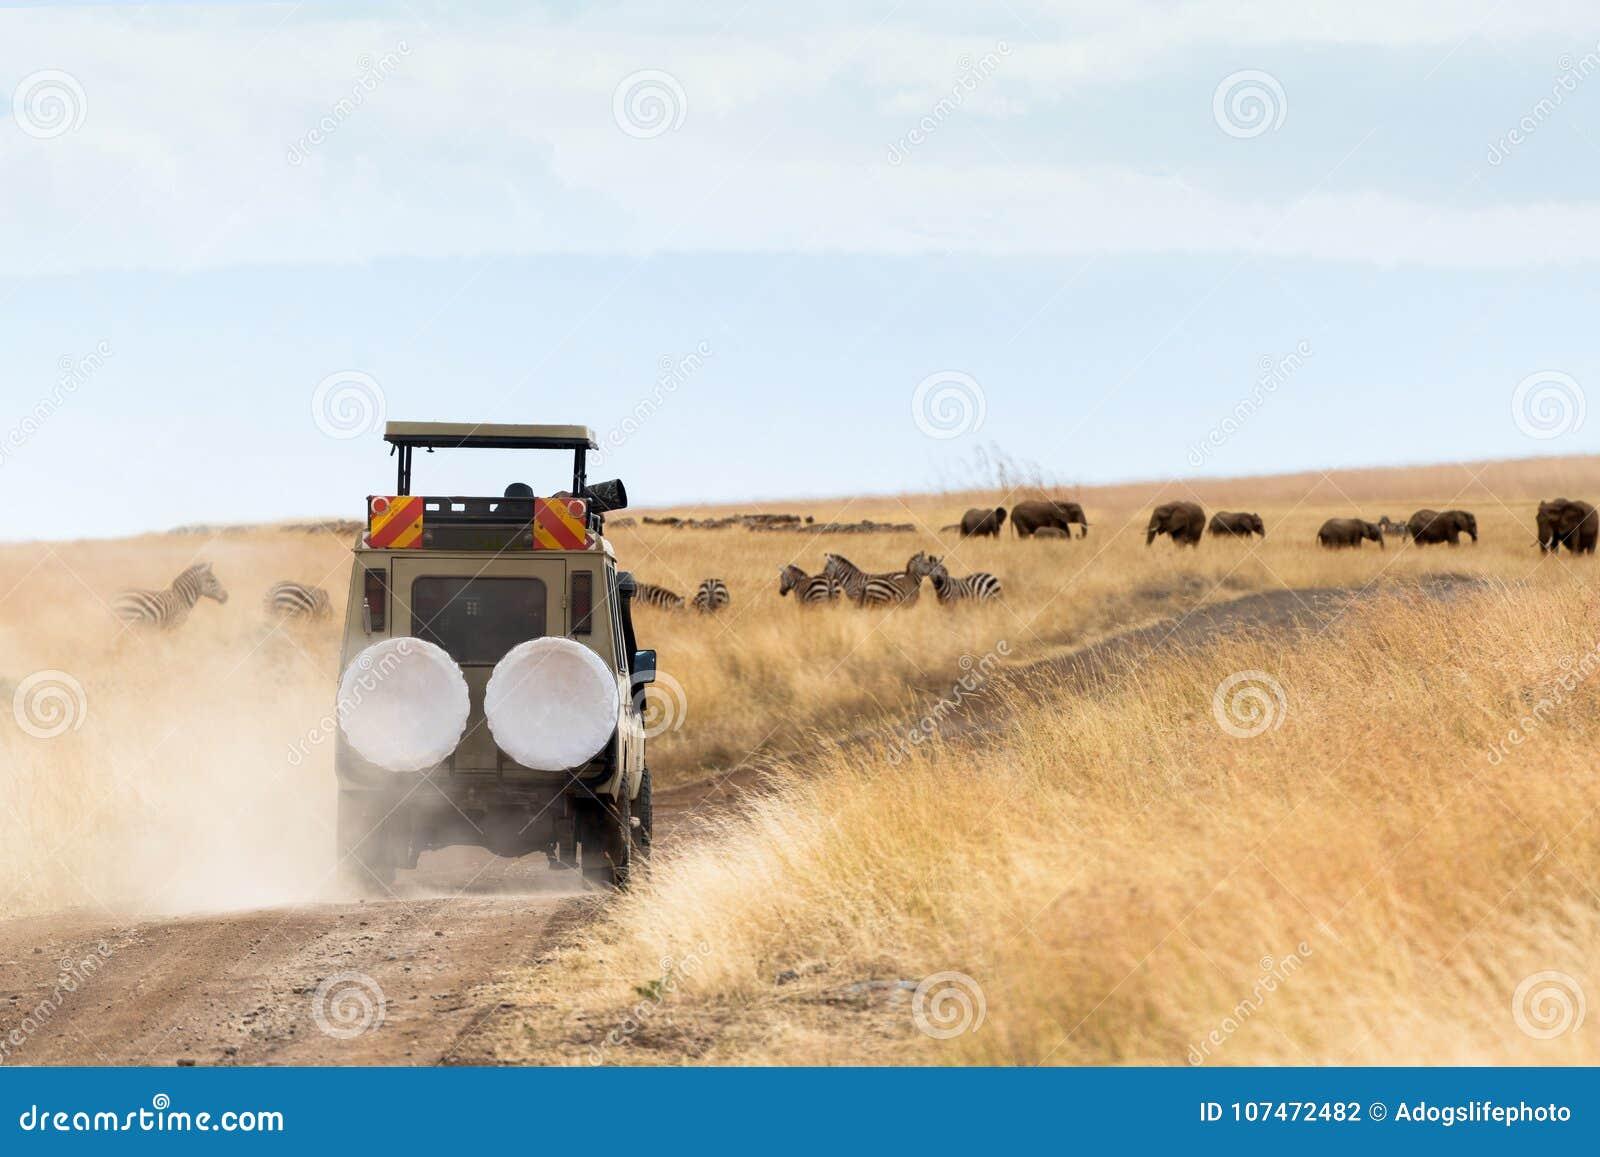 摄影师在比赛驱动的徒步旅行队车